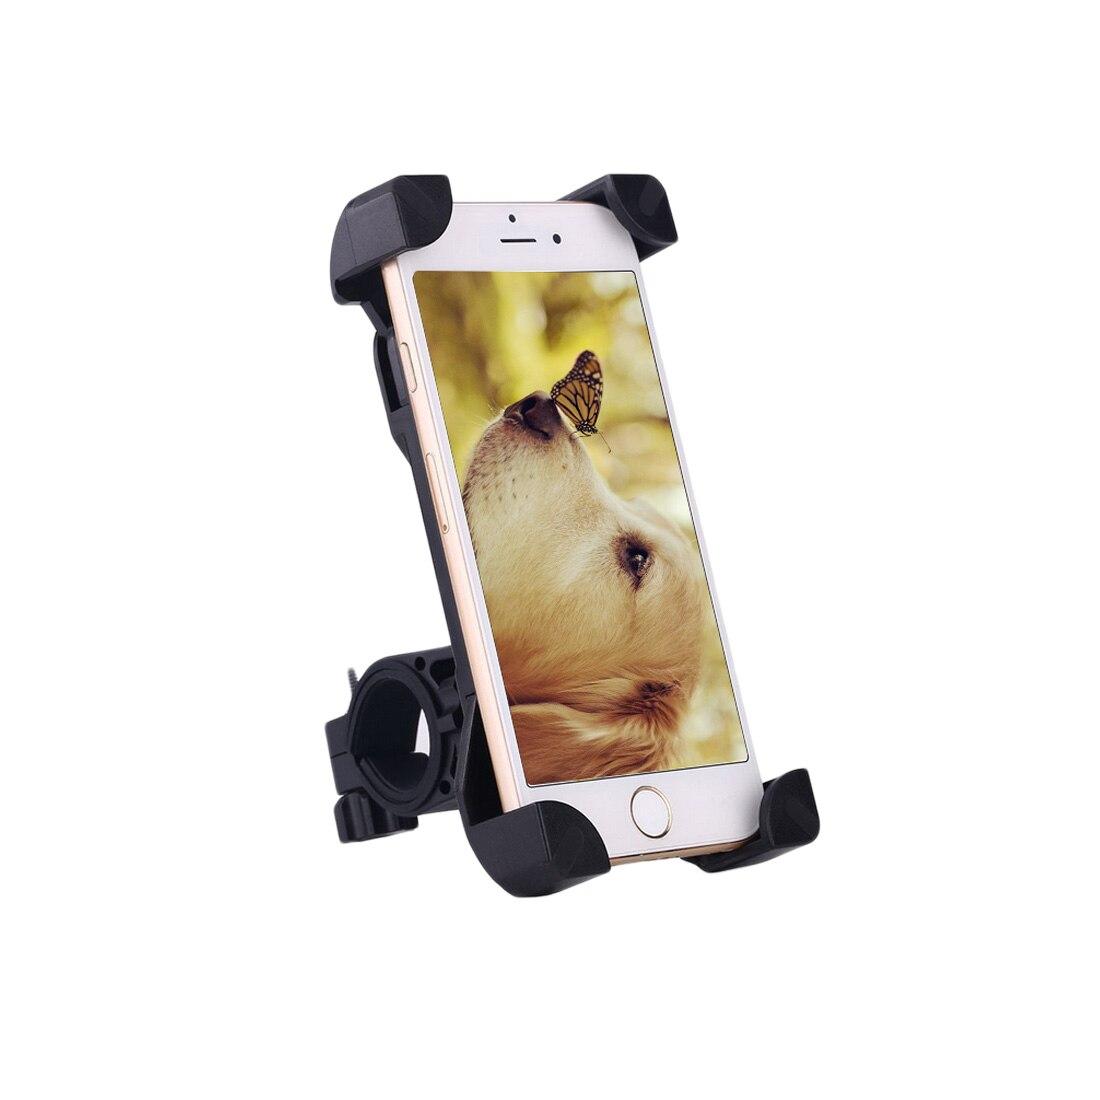 Soporte de teléfono de bicicleta ajustable Universal soporte de bicicleta para iPhone Samsung teléfono celular